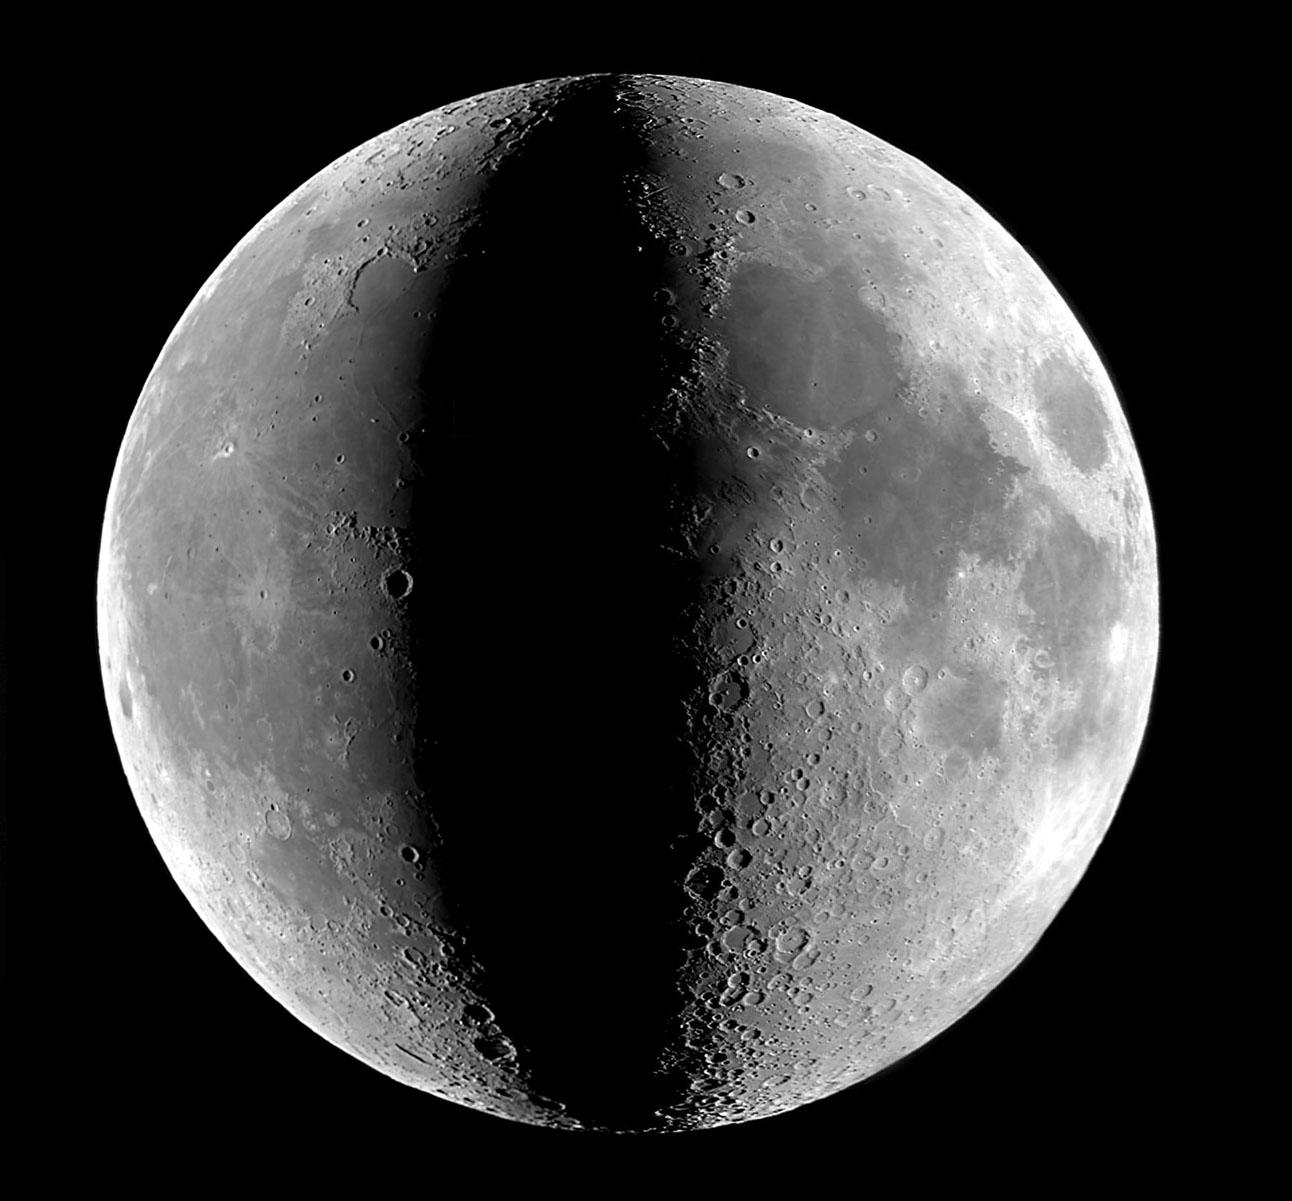 4-Composizione della Luna: 158 KB; cliccate l'immagine per ingrandirla